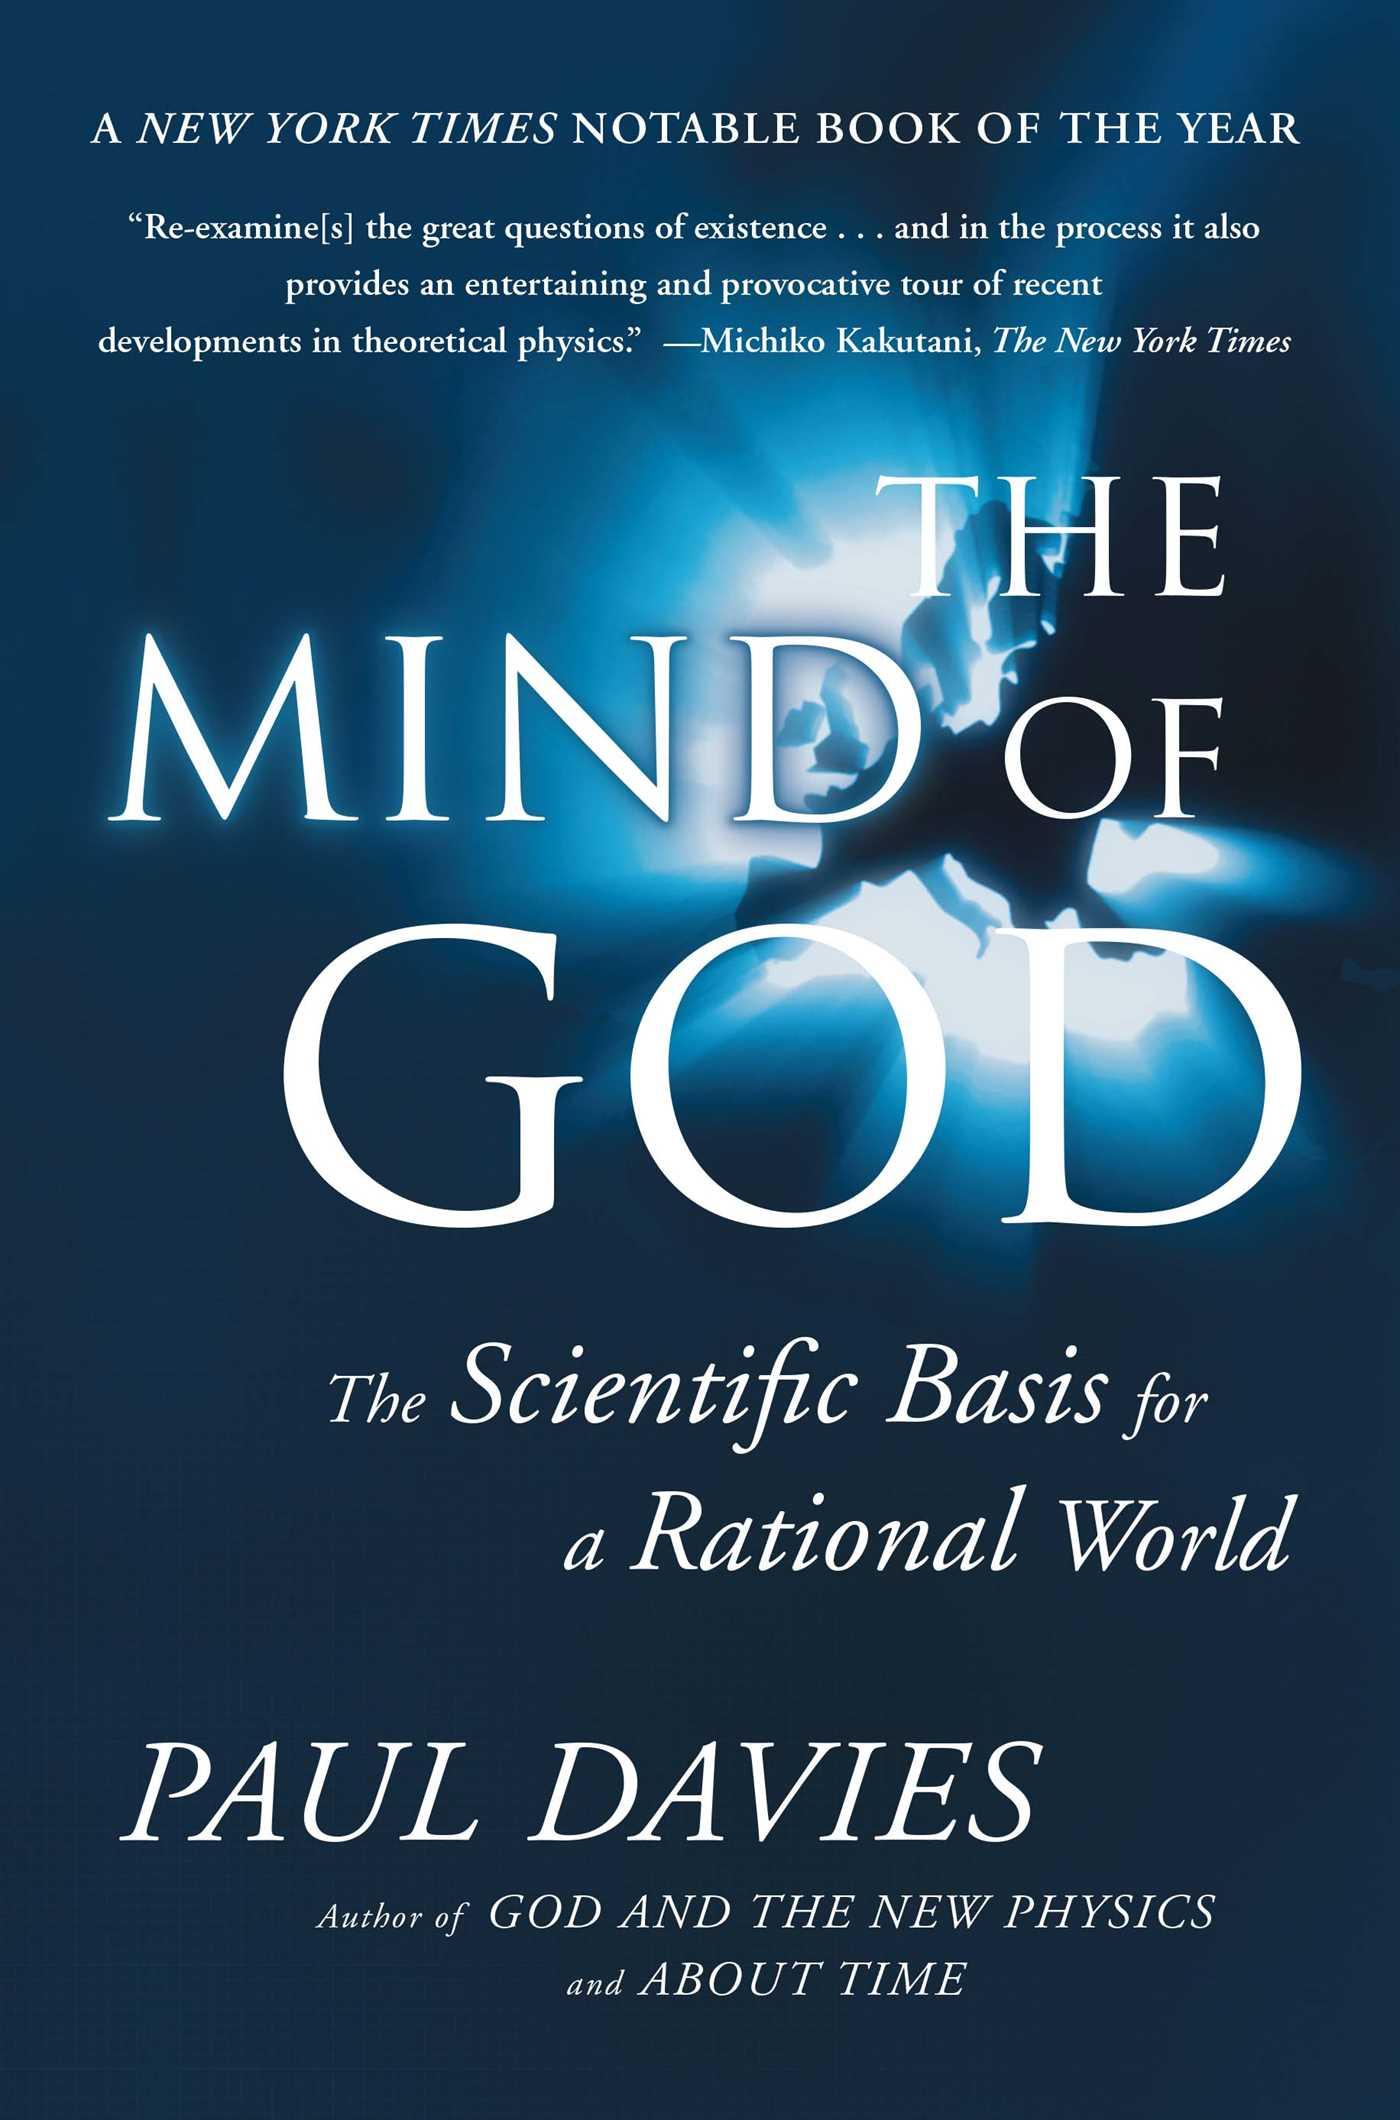 Mind of god 9780671797188 hr